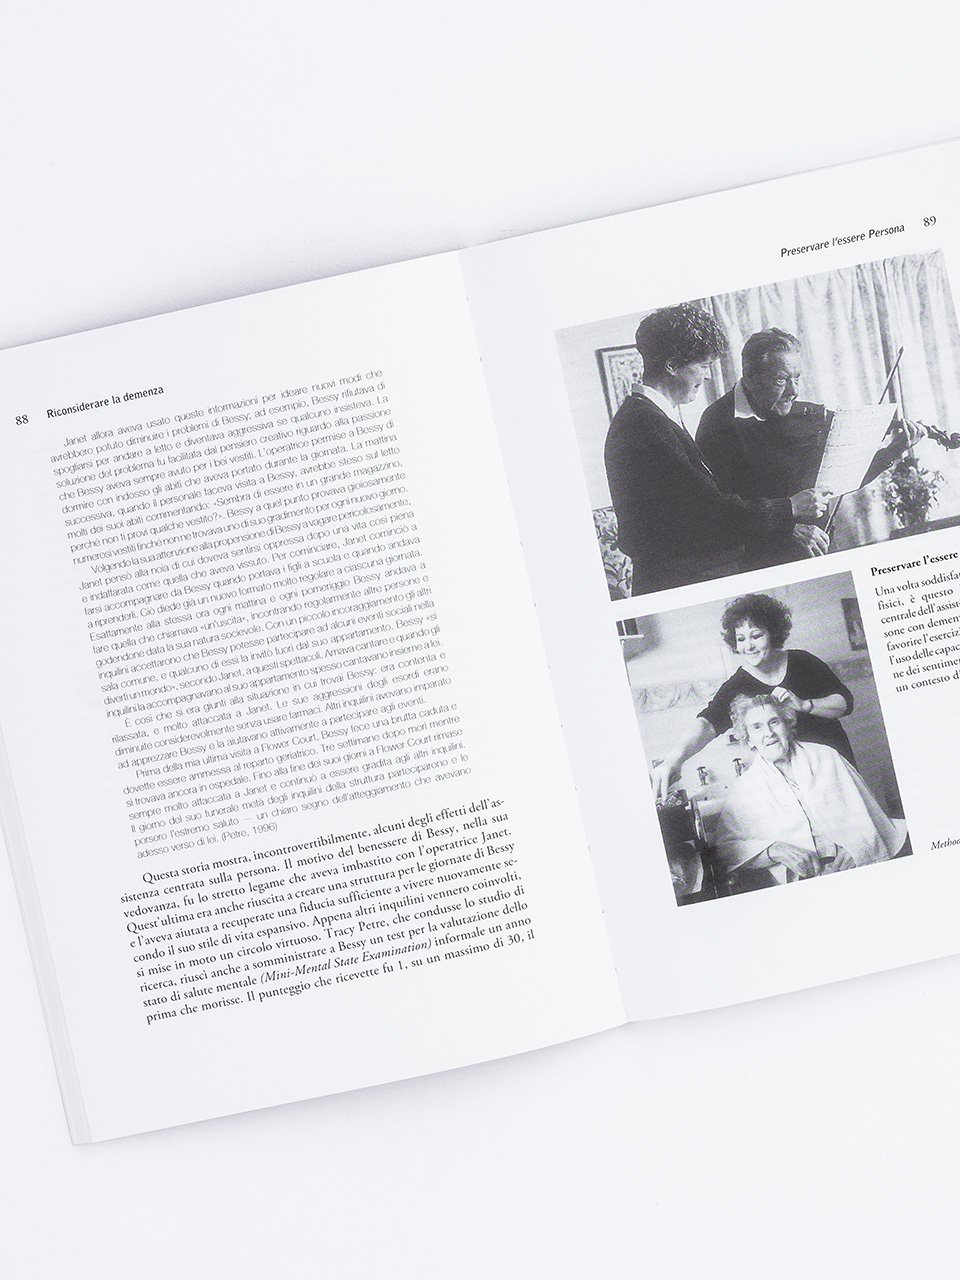 Riconsiderare la demenza - Libri - Erickson 2